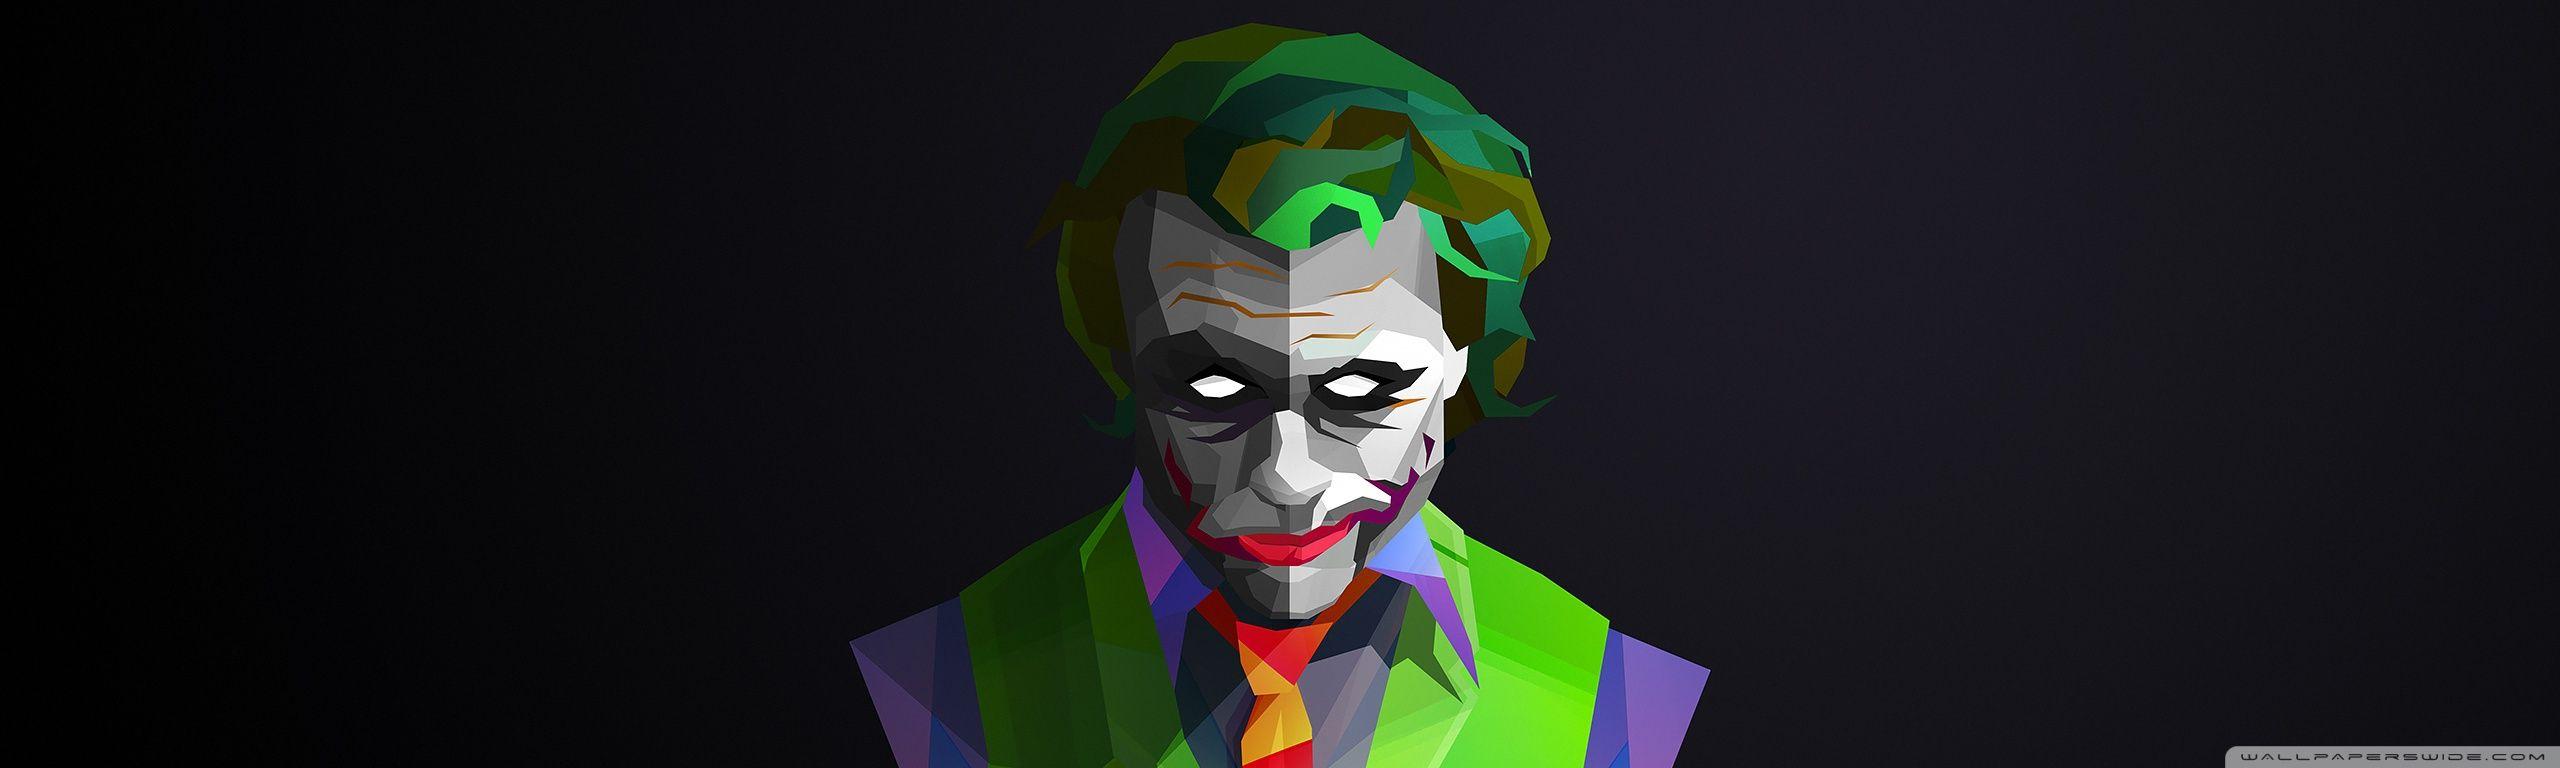 Joker Hd Desktop Wallpaper Widescreen Fullscreen Mobile Dc Comics Art Wallpaper 3d Wallpaper